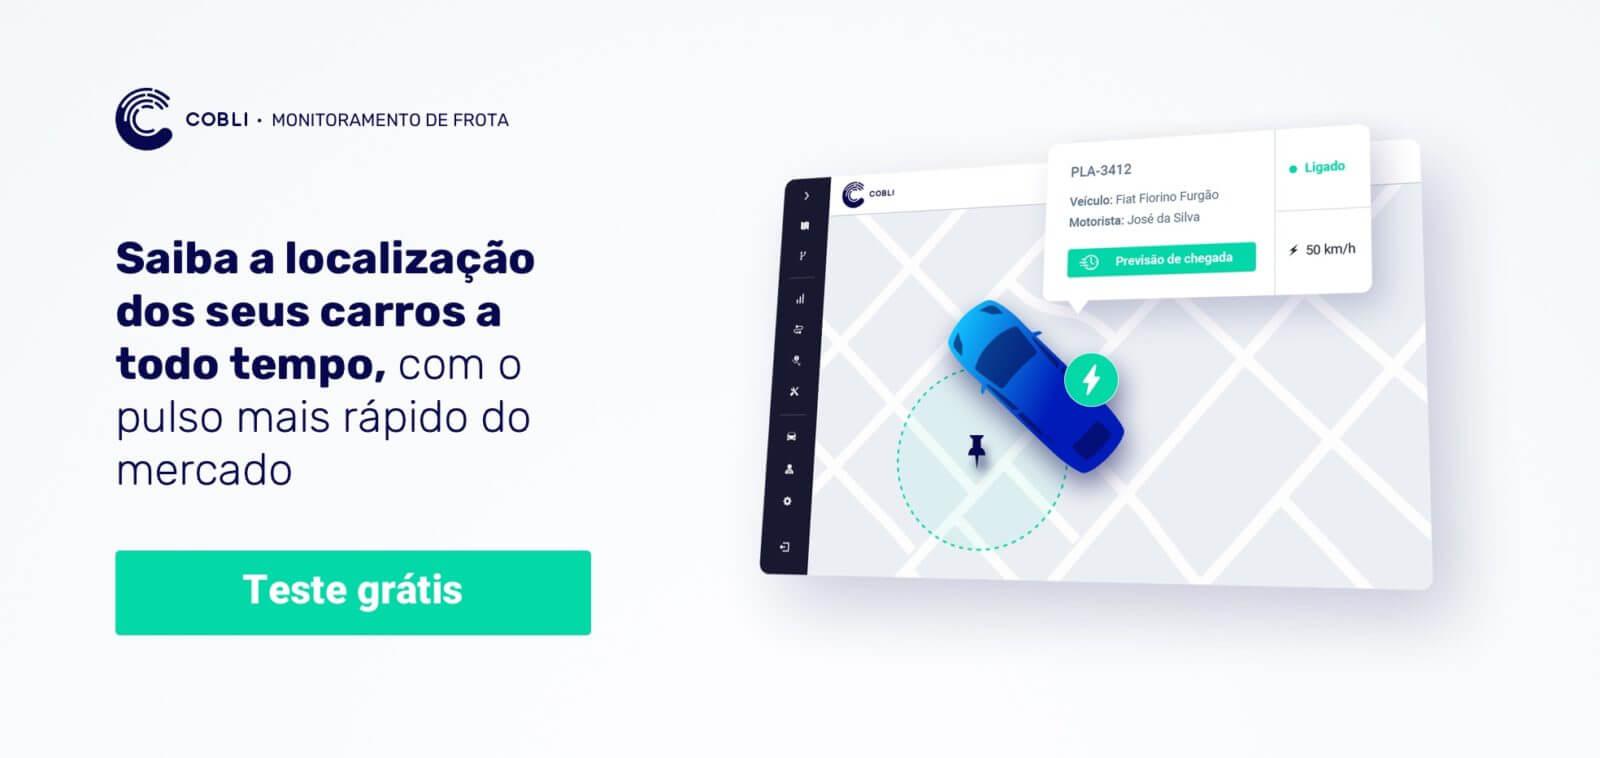 Monitoramento de frota - Novo Código de Trânsito Brasileiro: Veja o que muda! [2021]